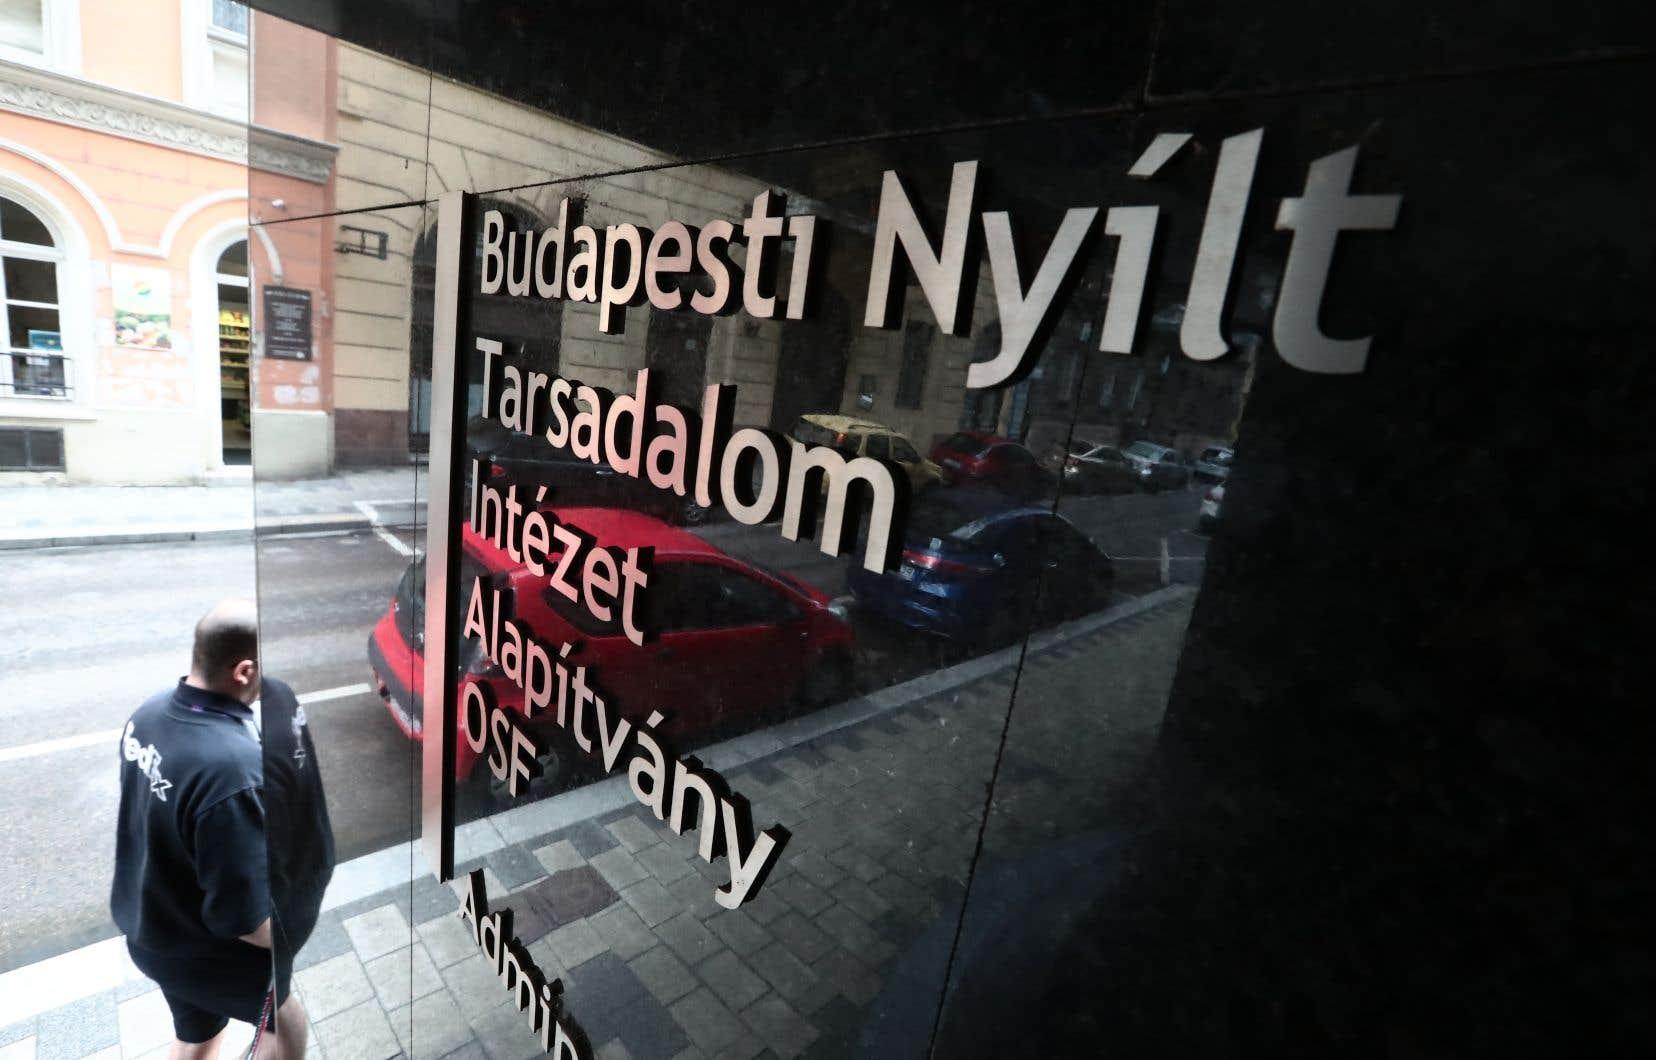 La fondation Open Society, qui finance de nombreuses ONG en Hongrie et dans le monde, avait annoncé en août transférer son siège régional depuis Budapest à Berlin, dénonçant les mesures «répressives» instaurées par le premier ministre Orbán.